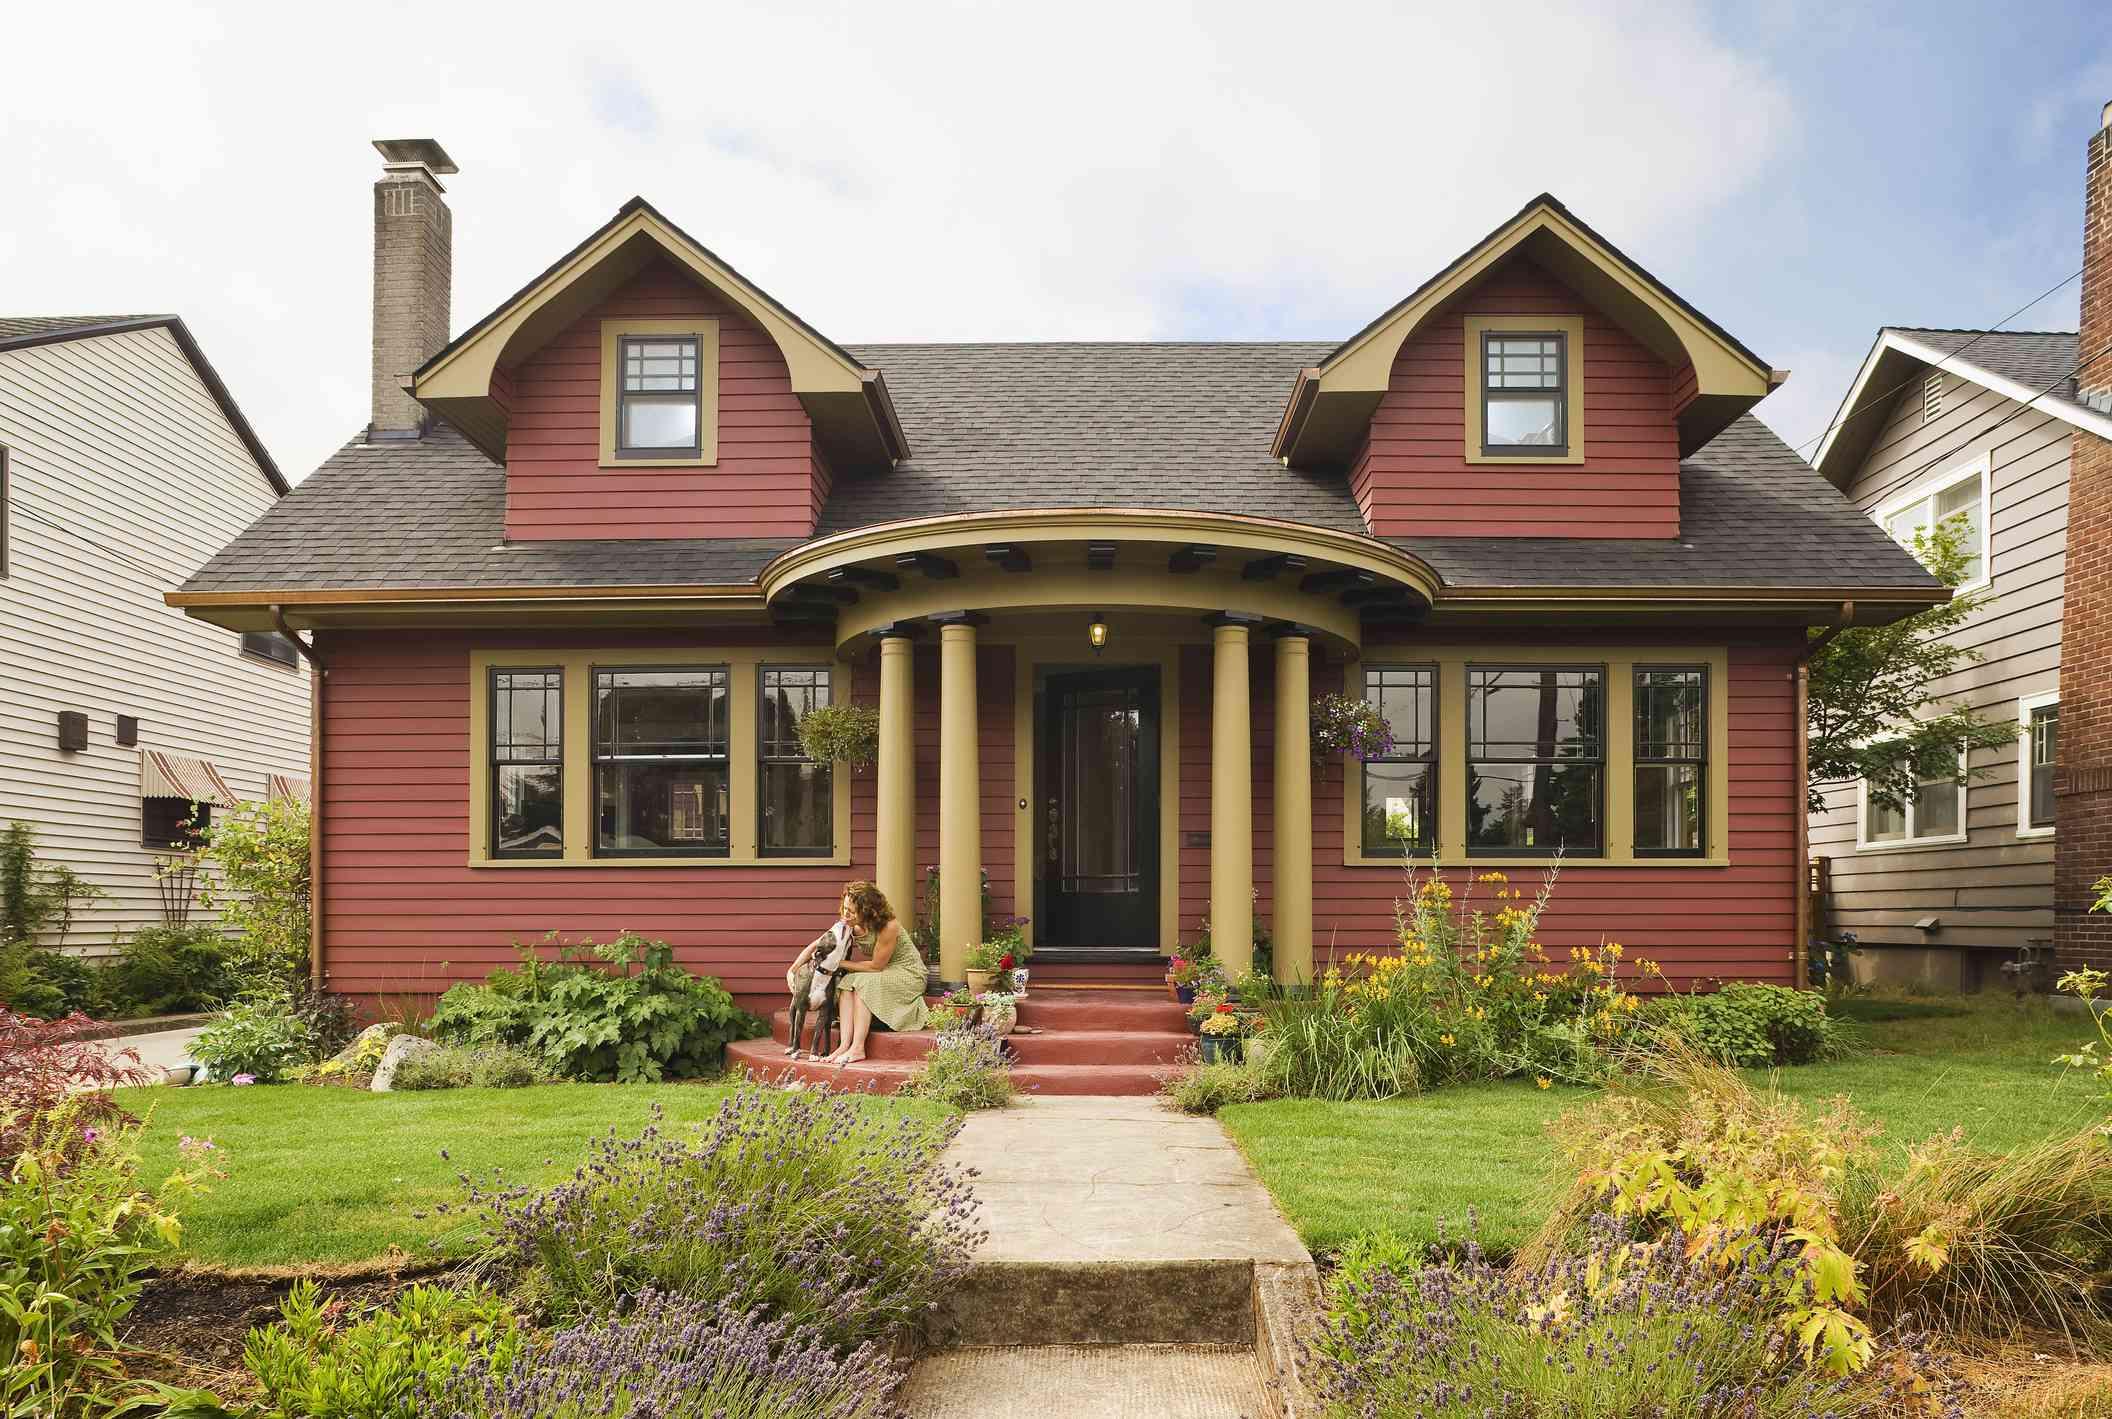 Mujer y perro sentados en el porche de una pintoresca casa